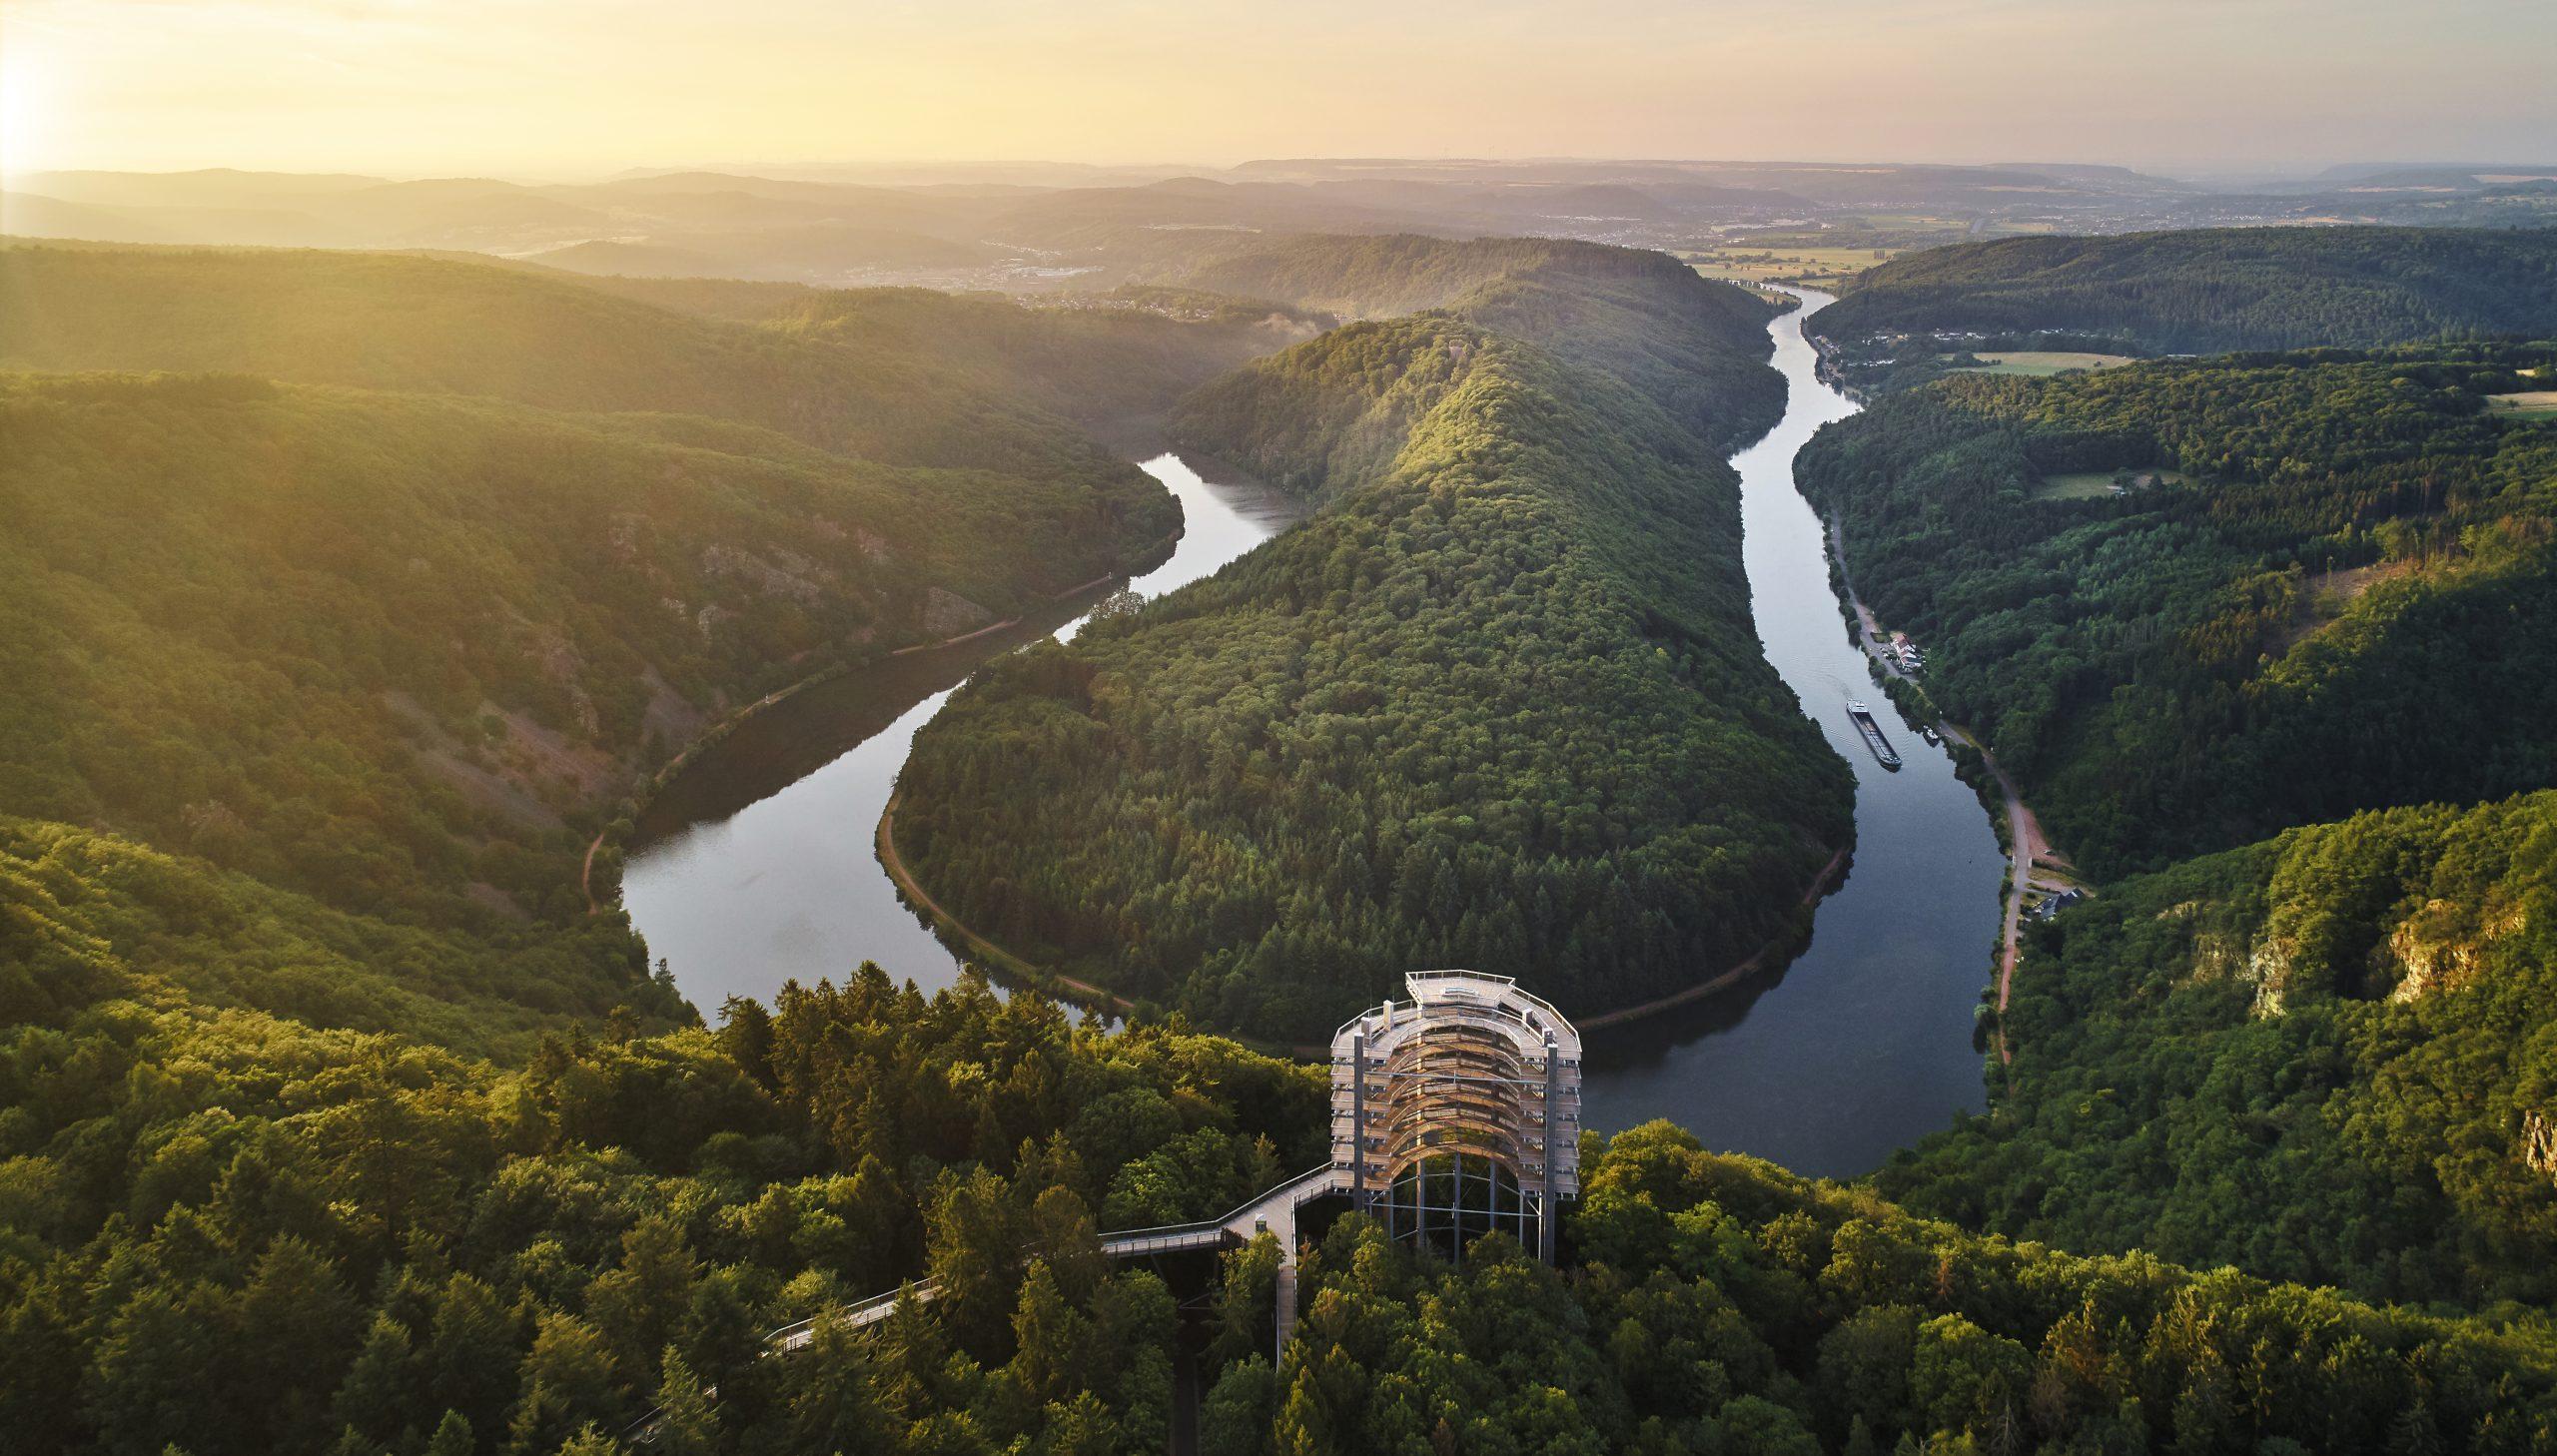 Tyskland vil blandt andet fremover markedsføre sig som en grøn destination med for eksempel sine 16 nationalparker og 104 regionale naturparker. Her er det Saarschleife tæt på grænsen til Luxembourg. Arkivpressefoto: DZT, Deutsche Zentrale für Tourismus.